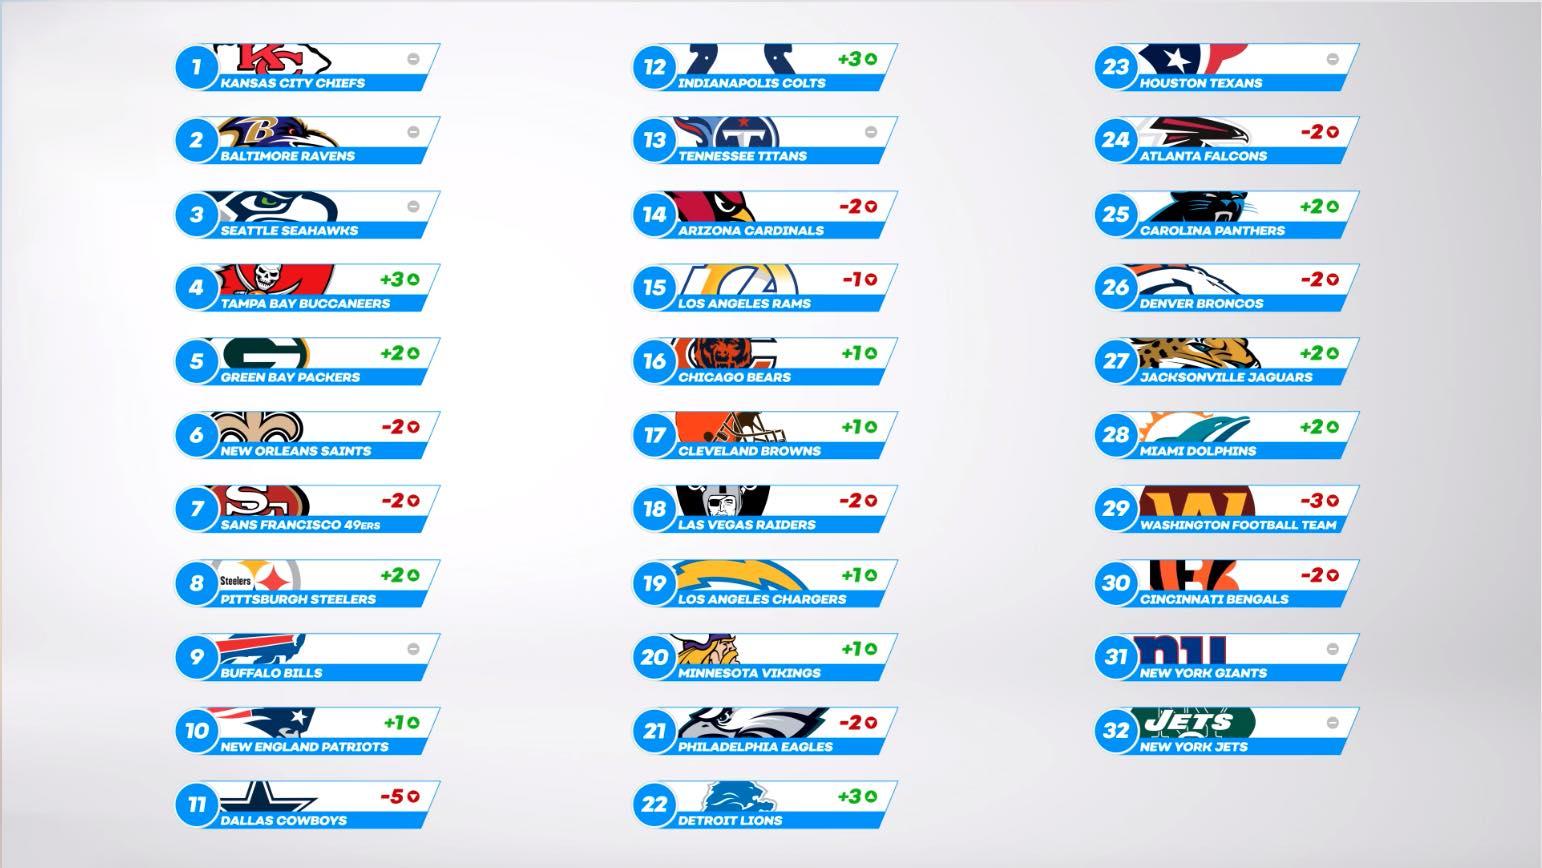 NFL Power Ranking Table - Week 4